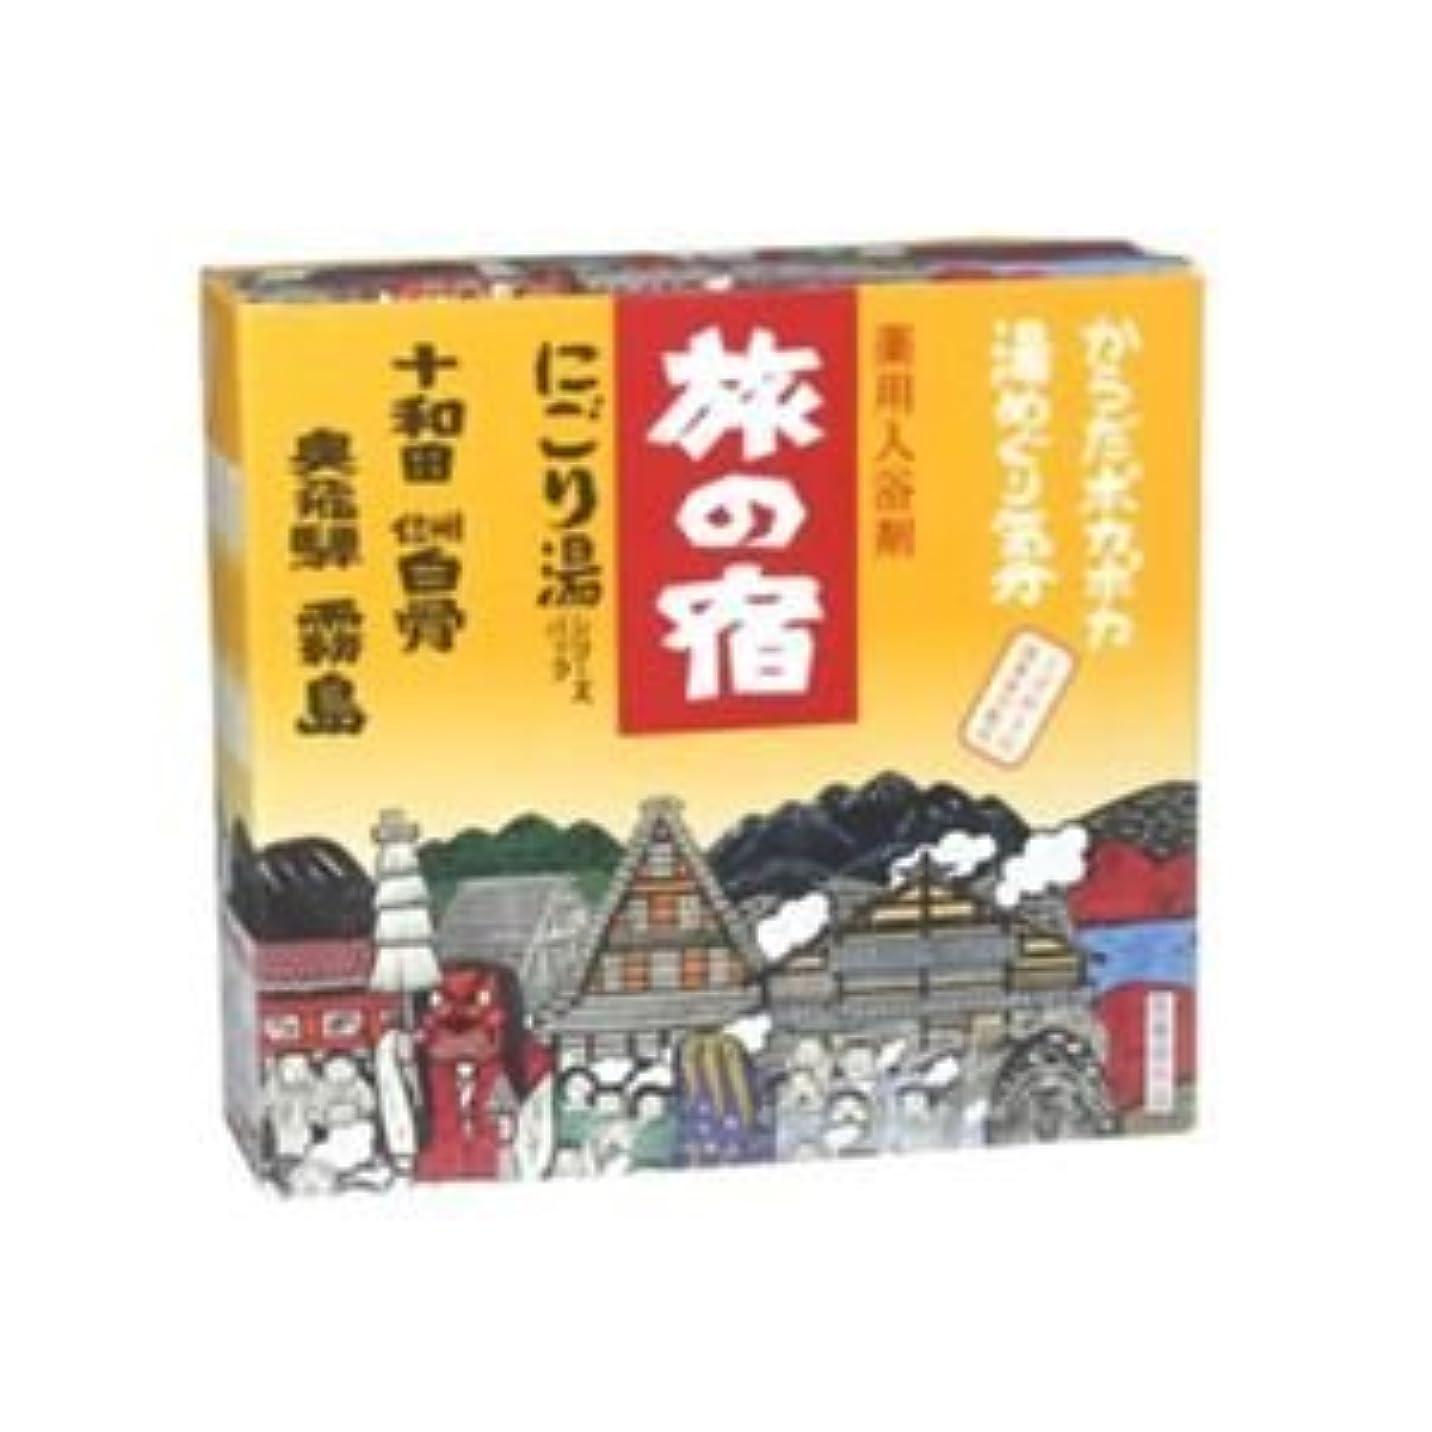 放射性散髪新鮮な旅の宿 にごり湯シリーズパック 13包入(入浴剤) 5セット